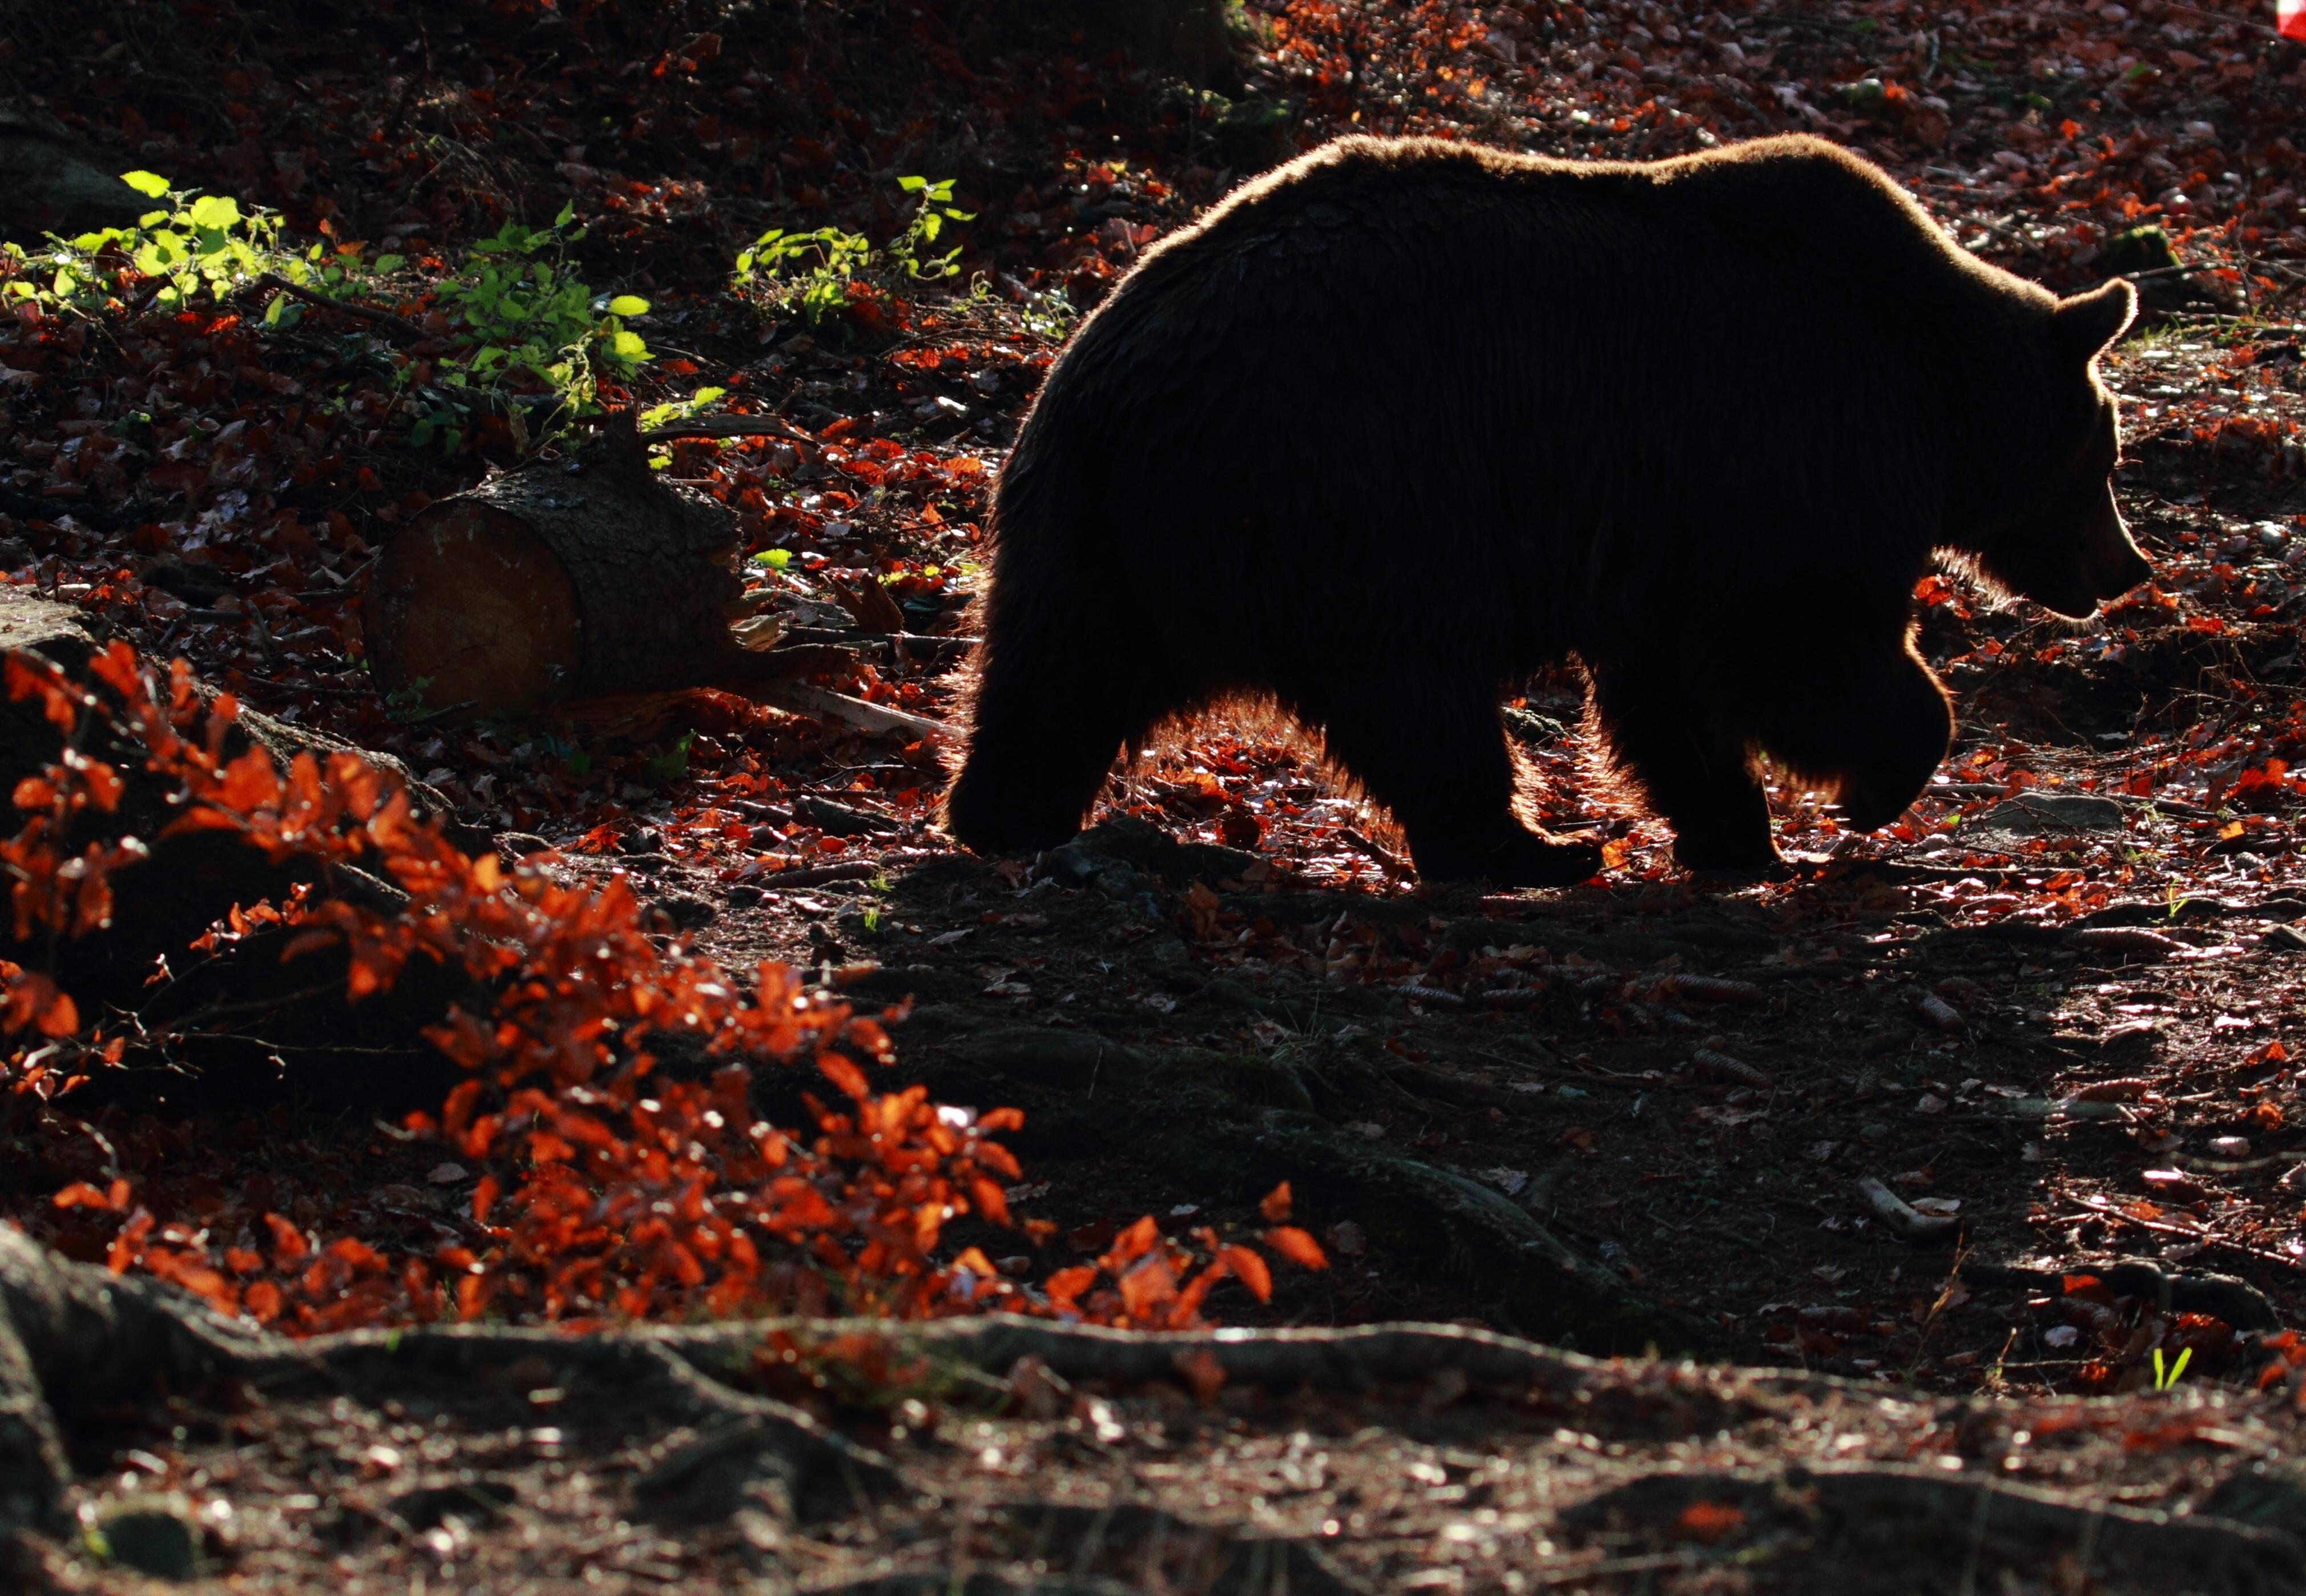 Gấu tại KHU BẢO TỒN GẤU Arbesbach